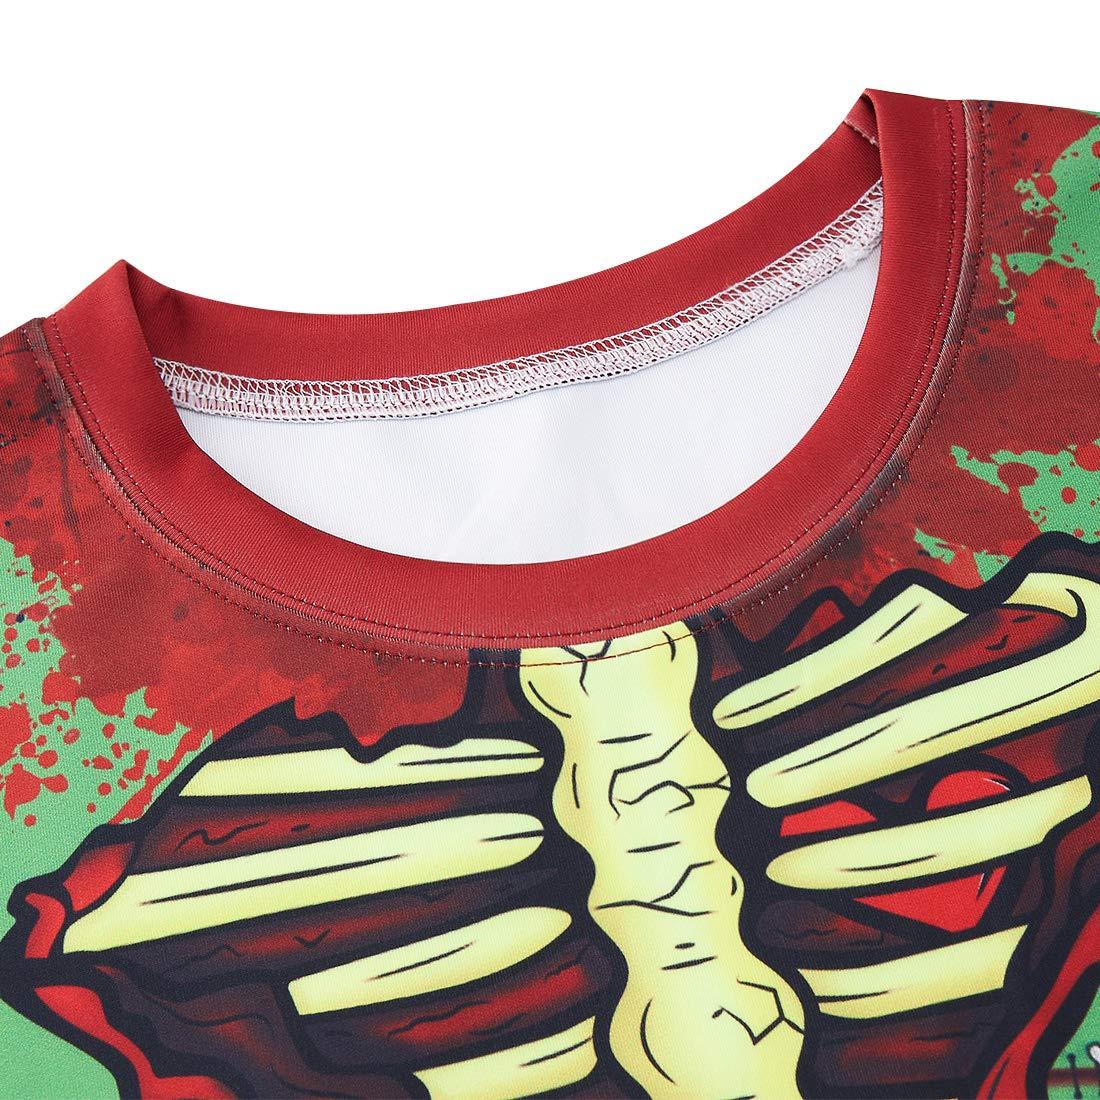 Idgreatim Unsiex Ugly su/éter de Manga Larga con impresi/ón 3D para Halloween